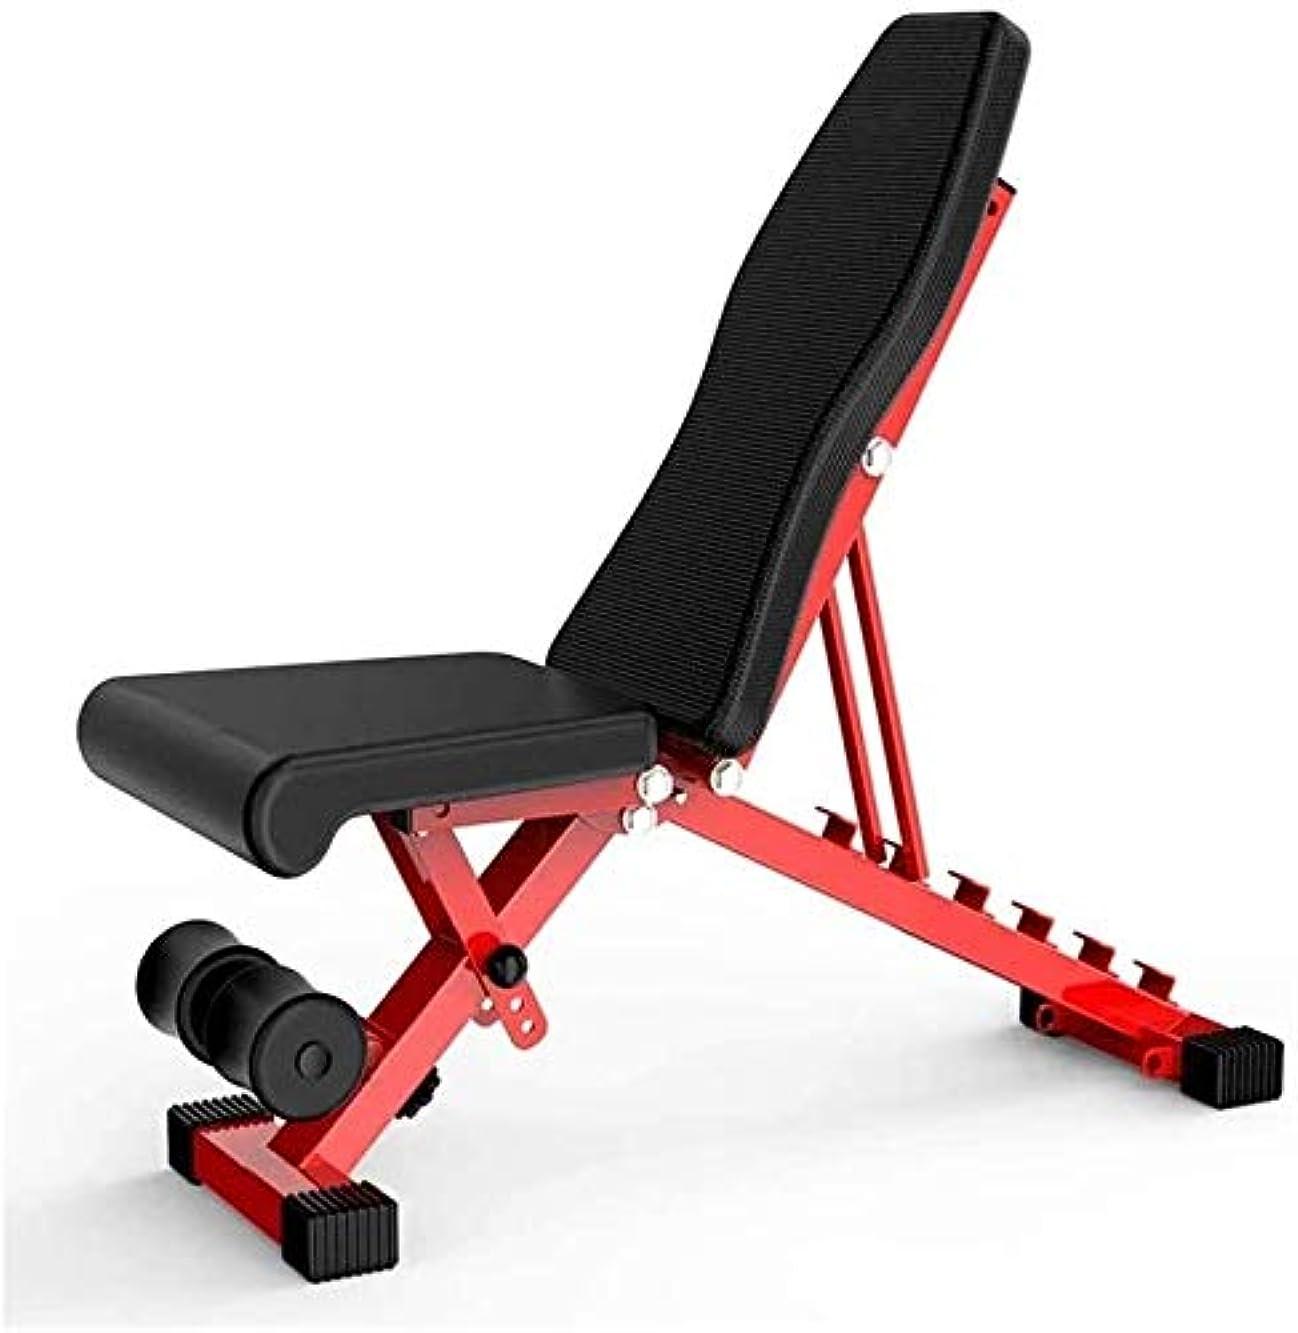 エンジン主婦小切手Suge フルボディワークアウトのための調節可能なウェイトベンチ折り畳み式重量挙げシットアップベンチABホームトレーニングジムベンチ